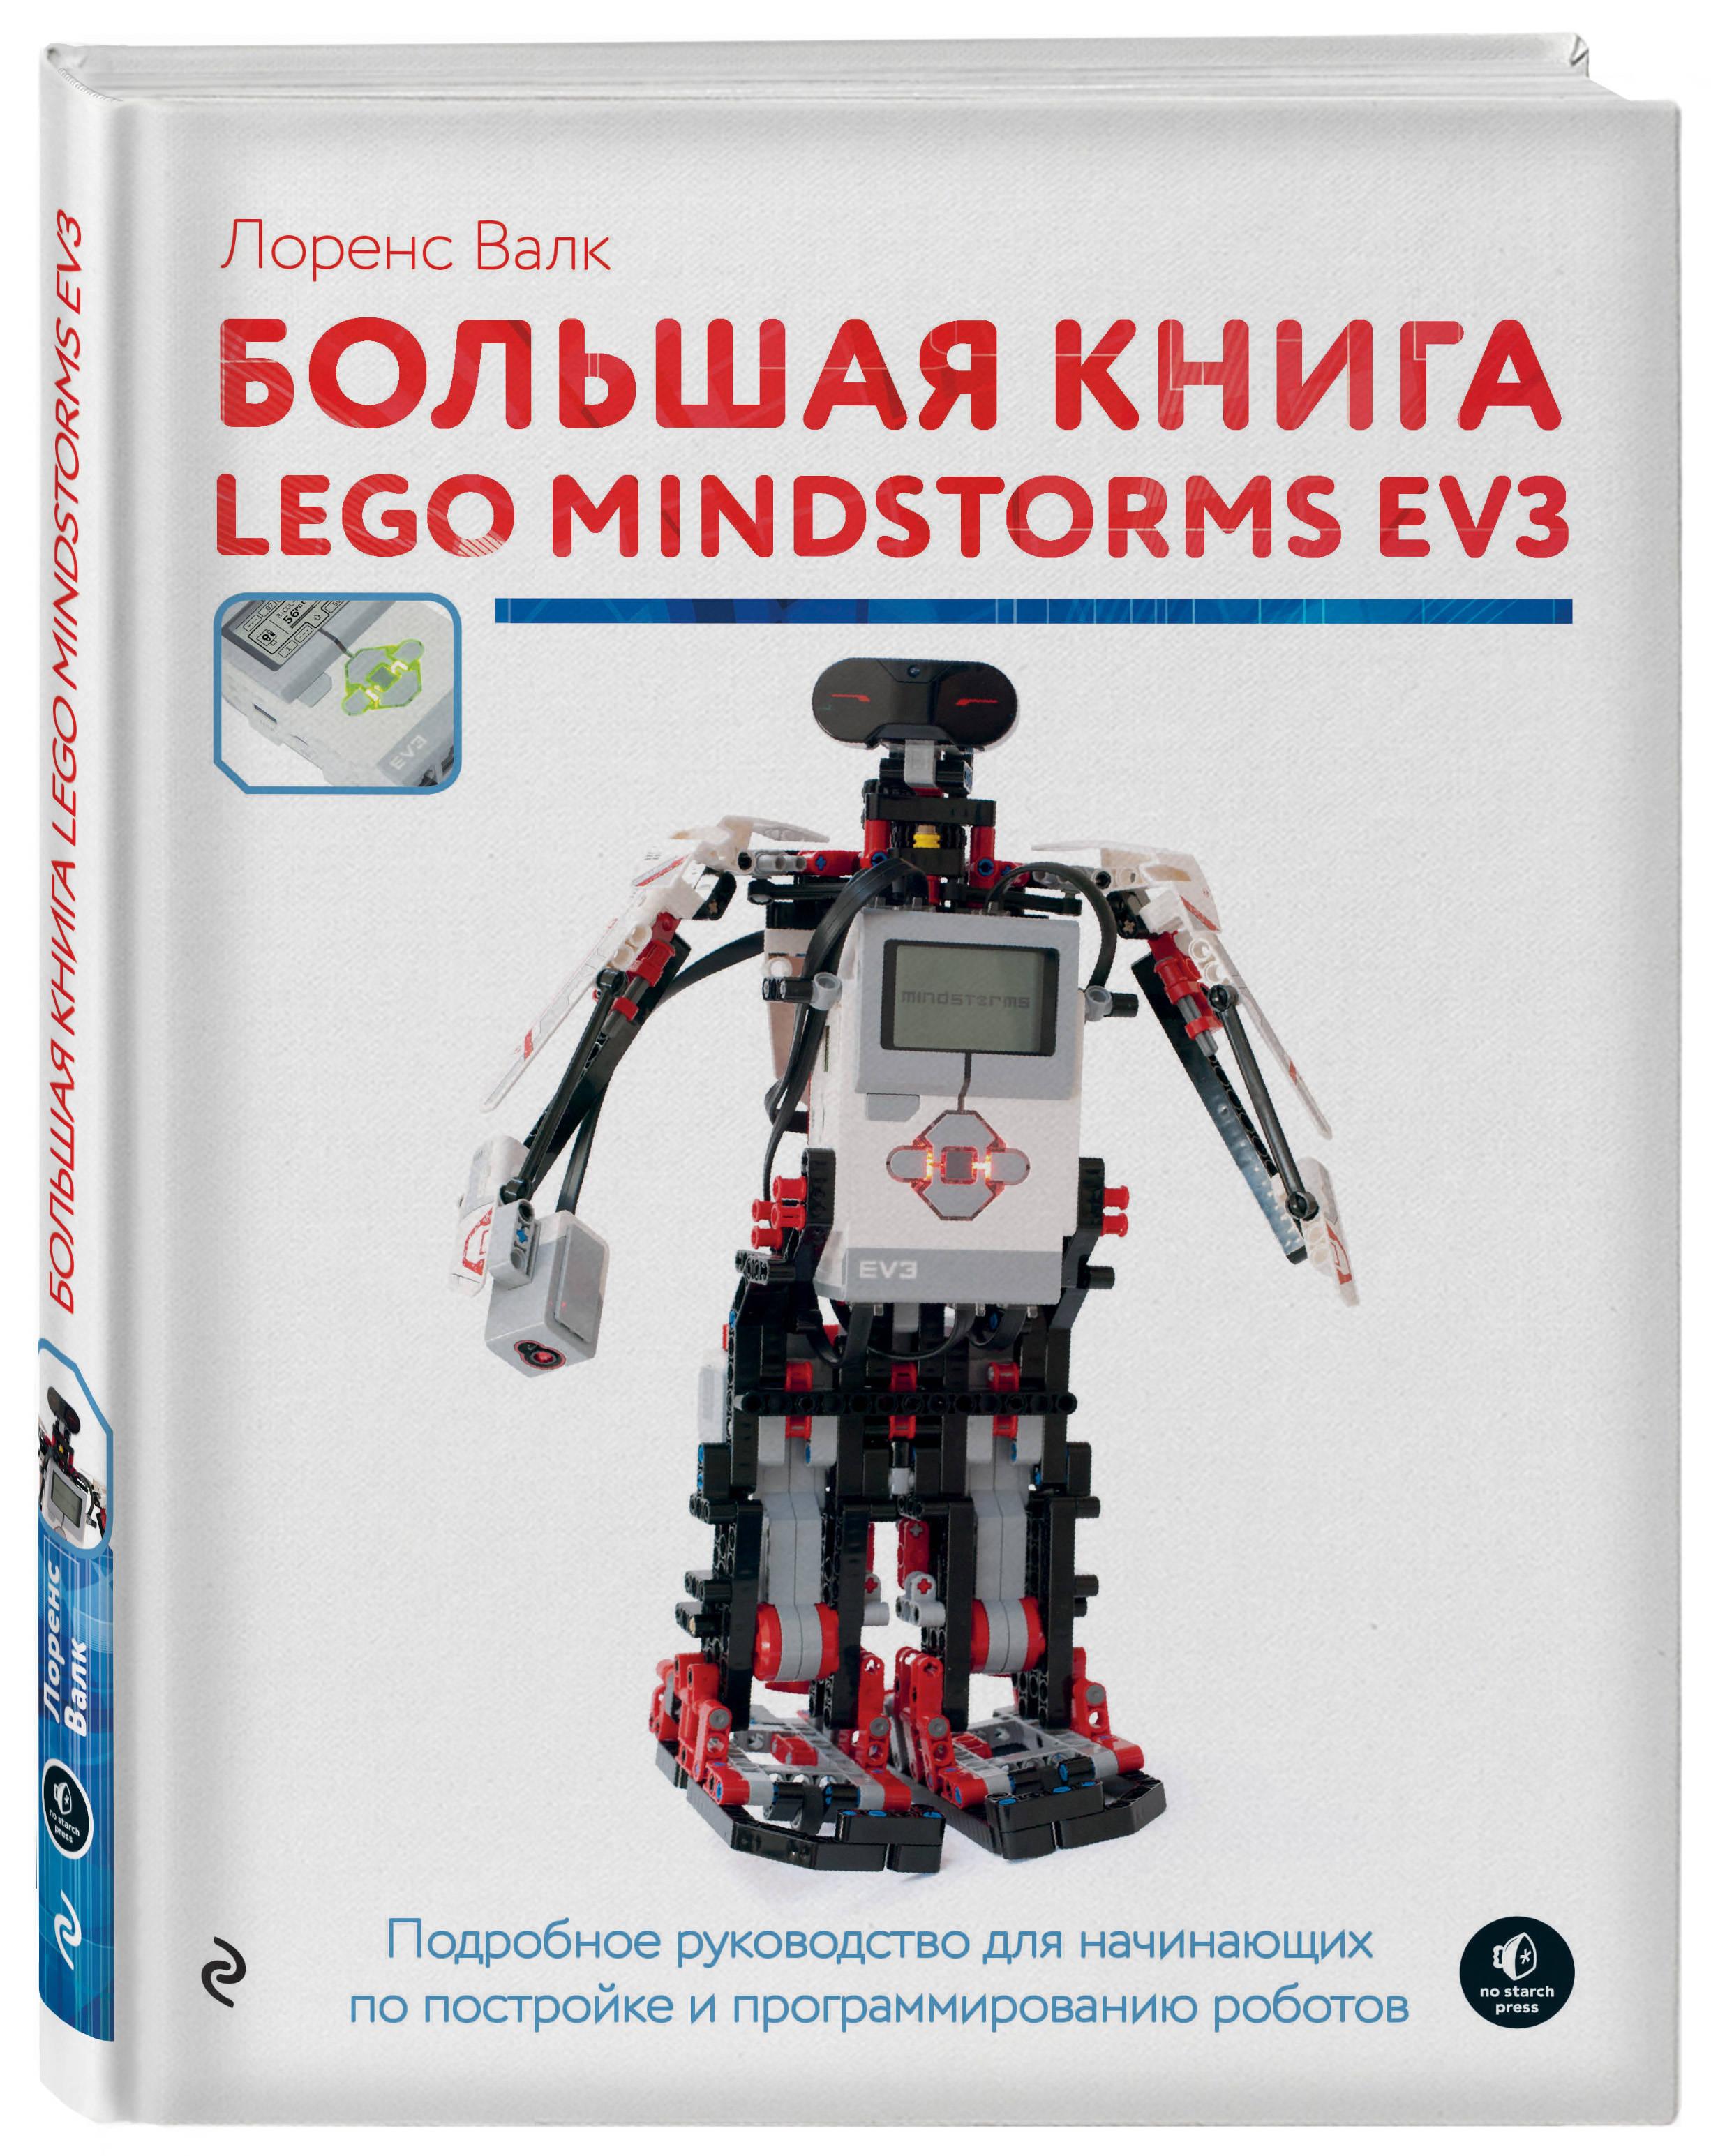 Валк Л. Большая книга LEGO MINDSTORMS EV3 книги эксмо большая книга lego mindstorms ev3